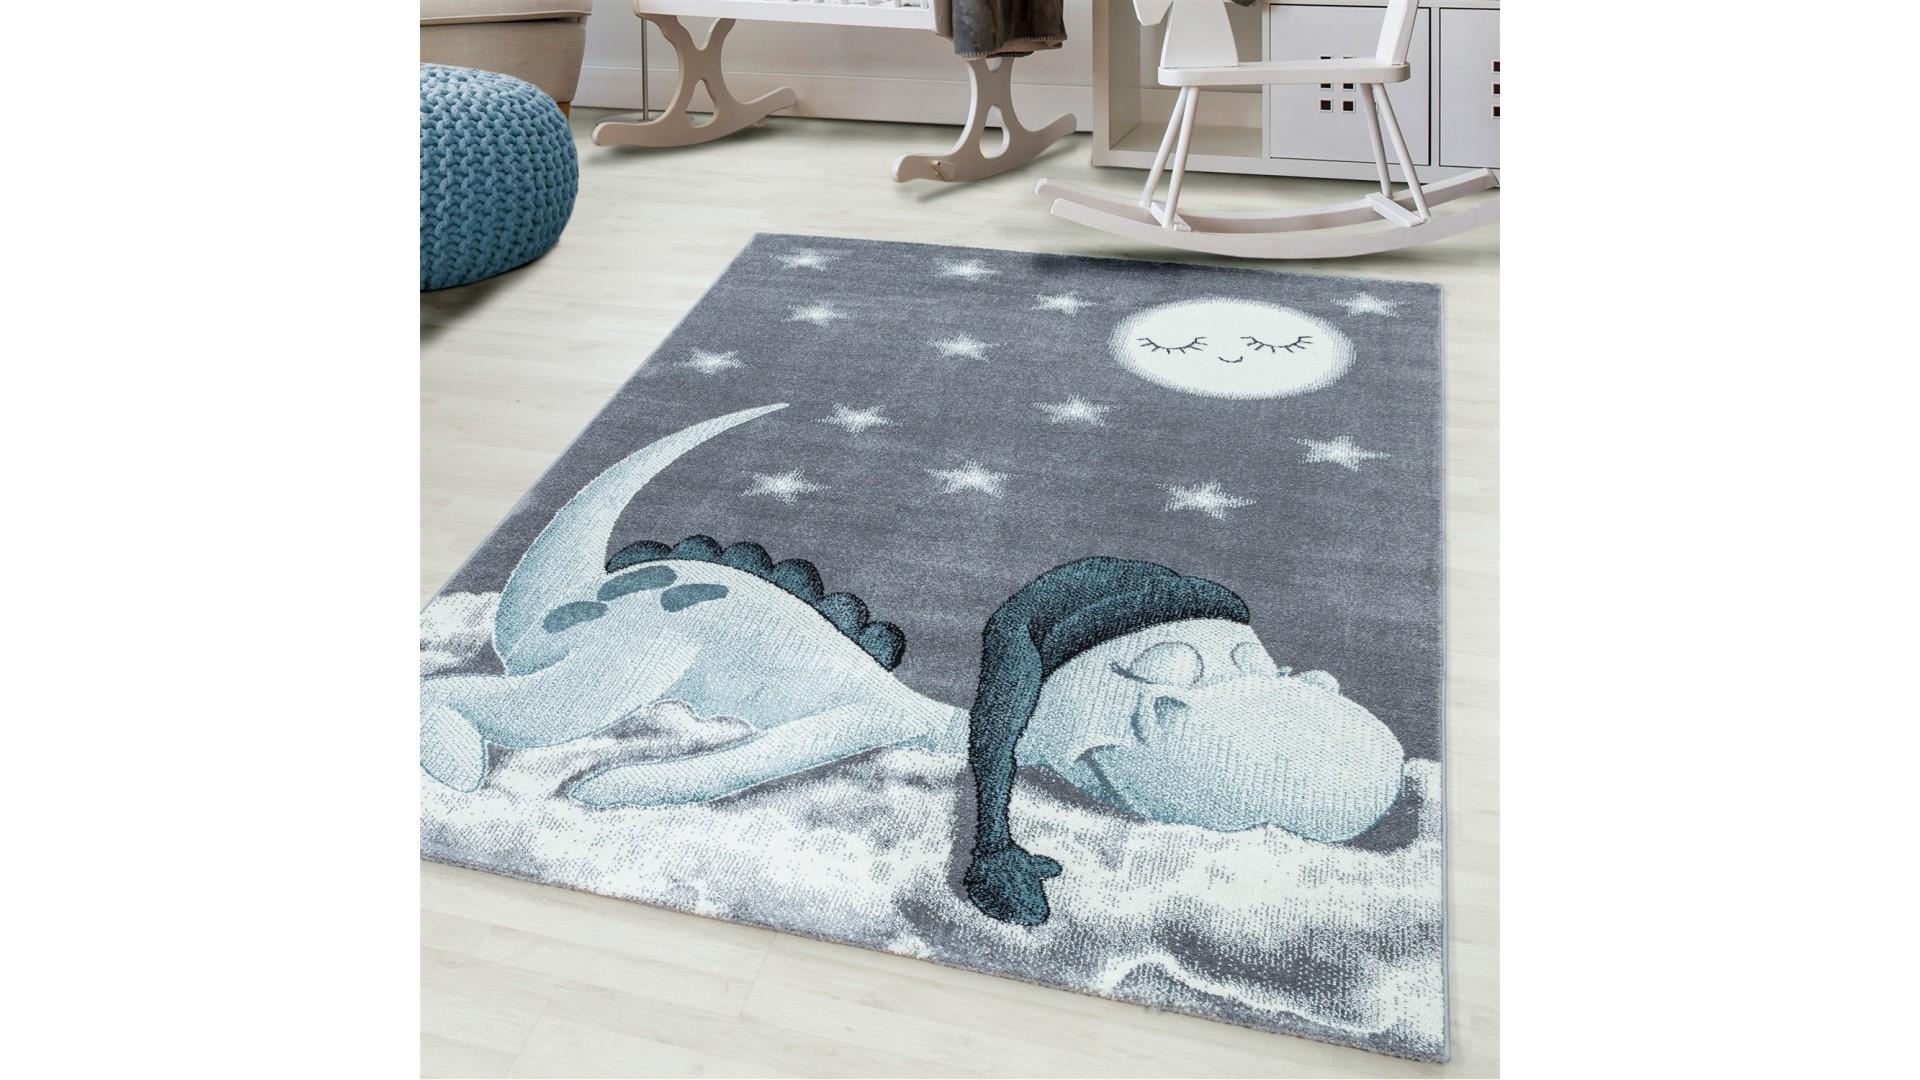 Śpiący smoczek to dywan wymarzony dla każdego dziecka.